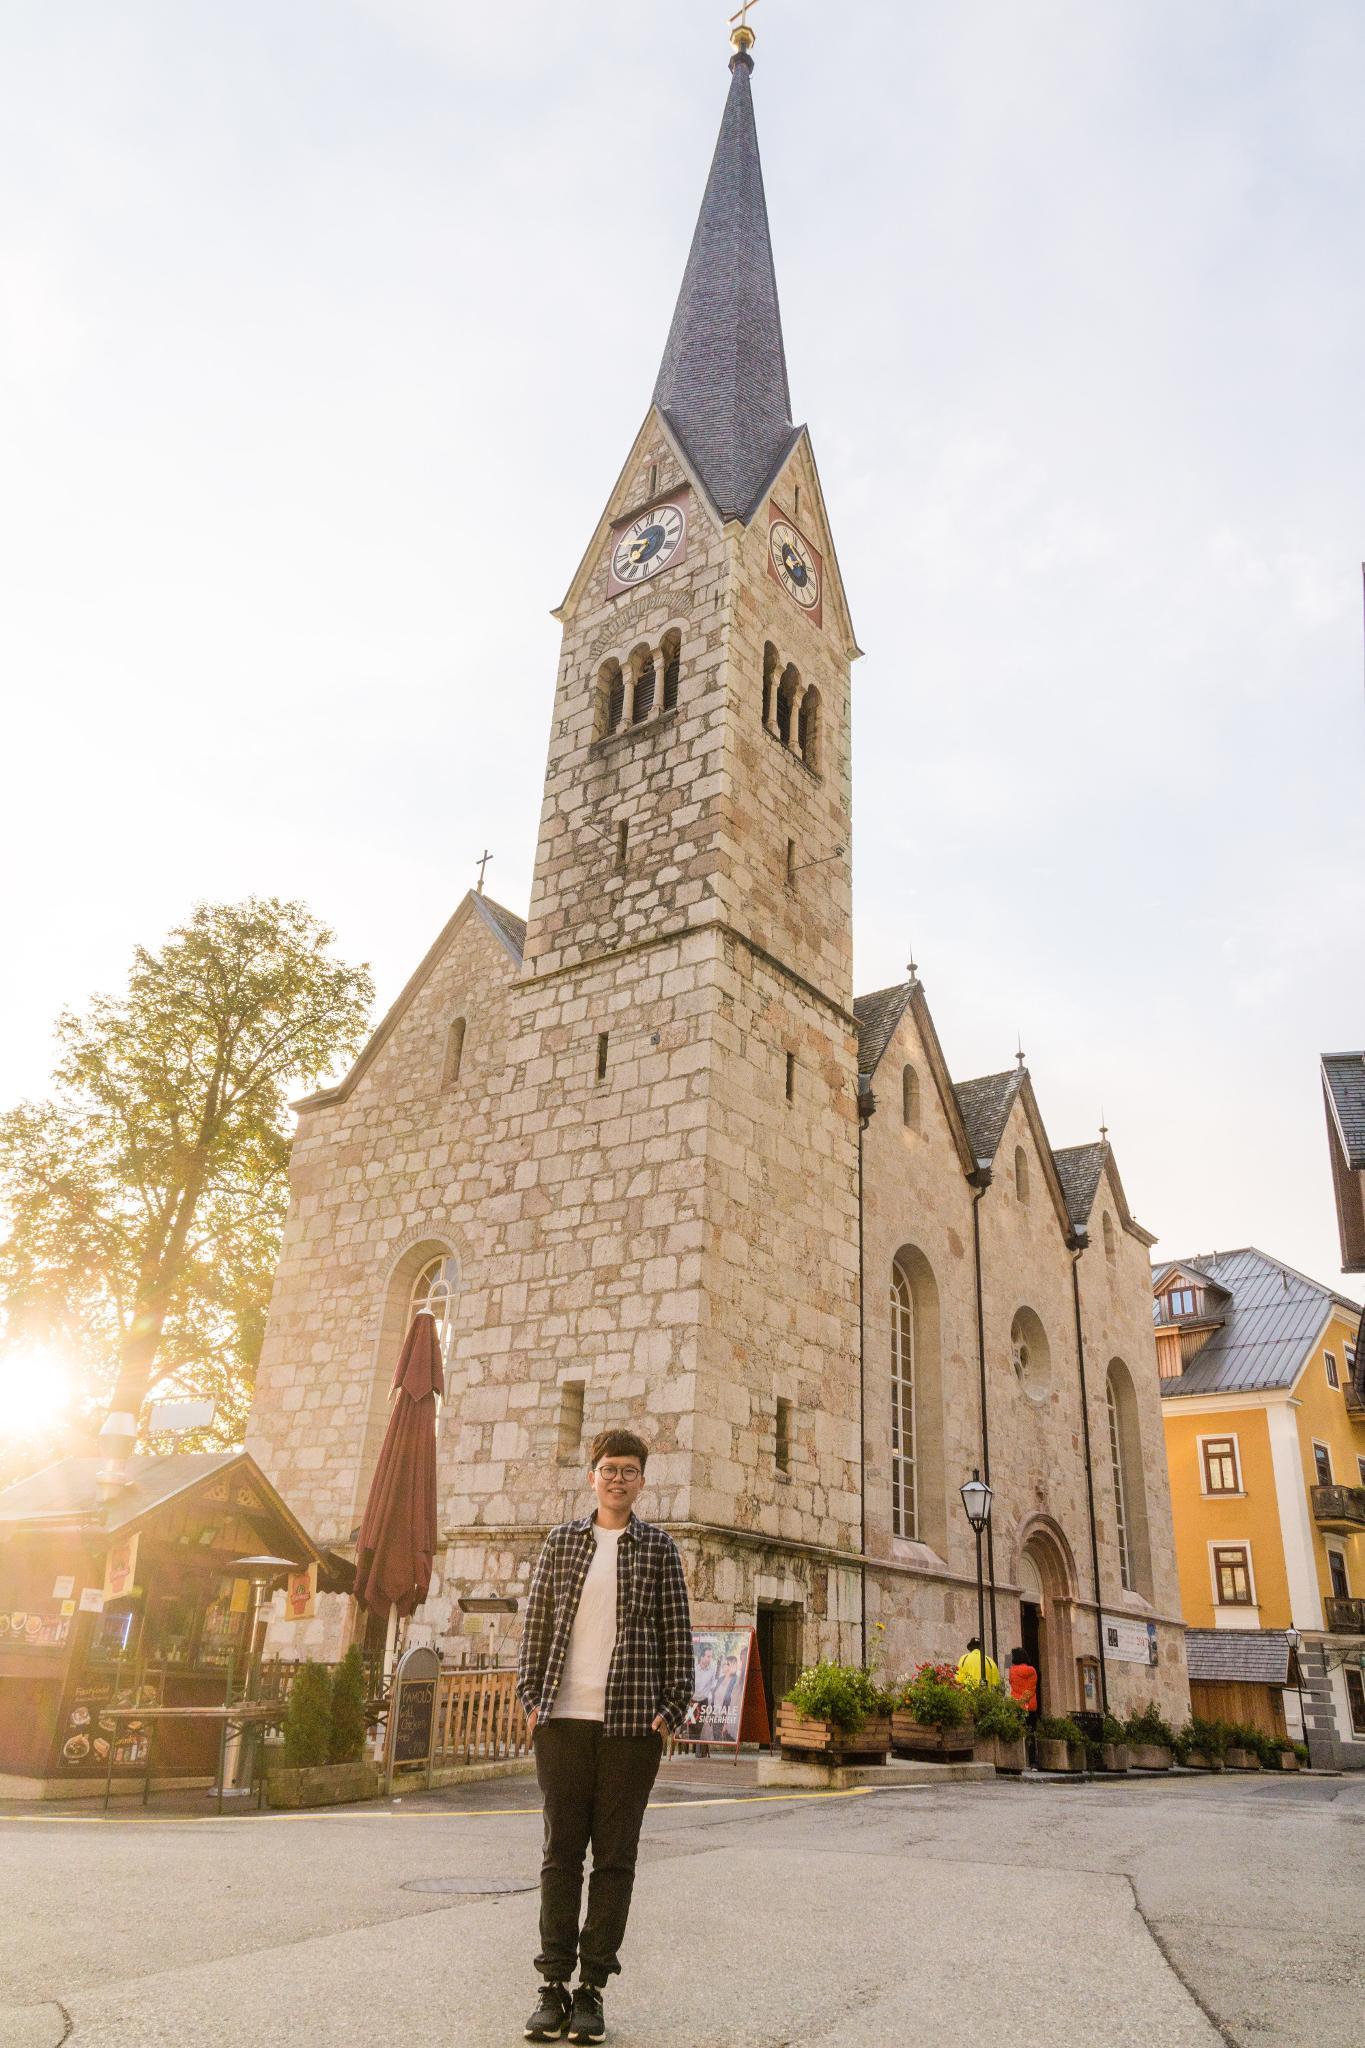 【奧地利】童話仙境 Hallstatt 哈修塔特 — 追逐世界遺產小鎮的夢幻黃金日出 19